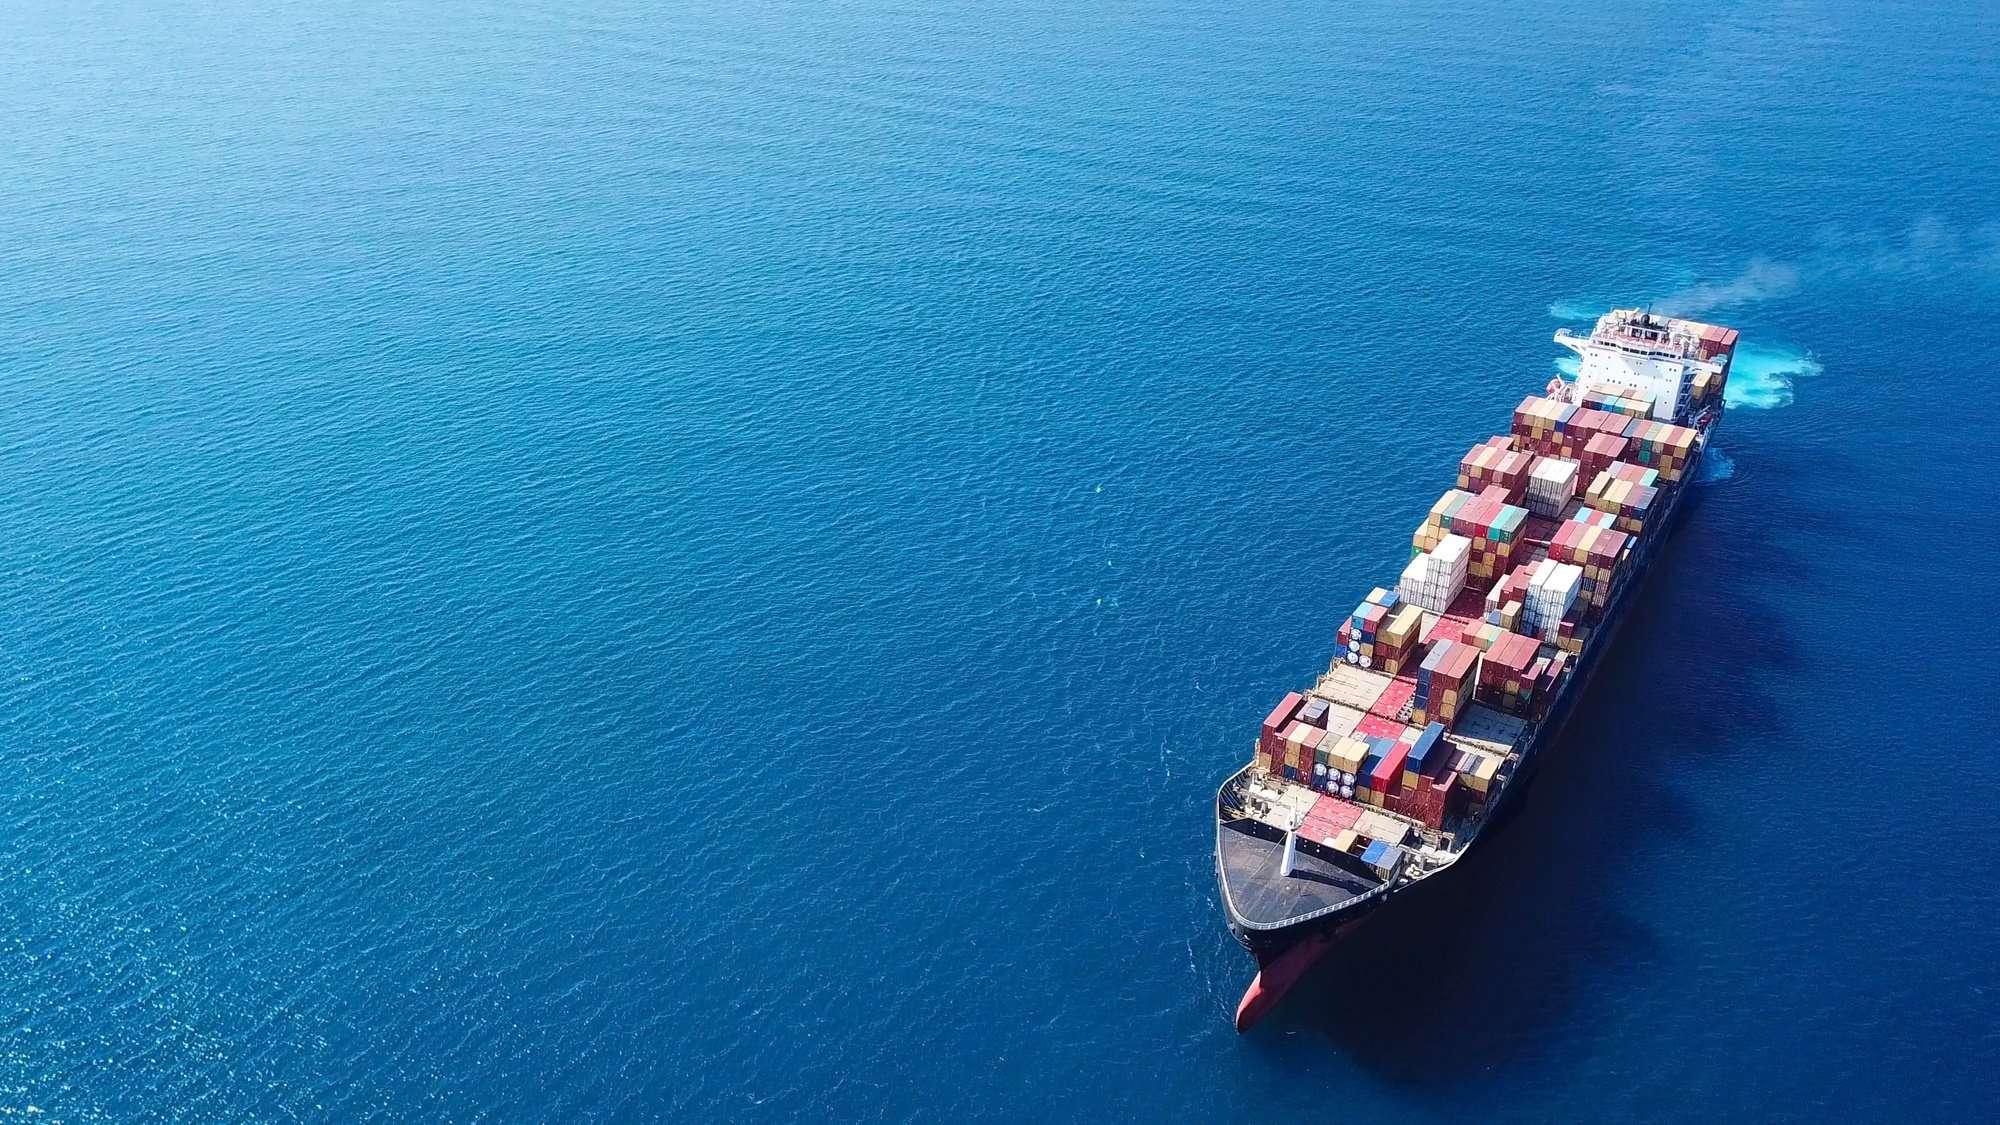 旺季来临,海运小包可救急?